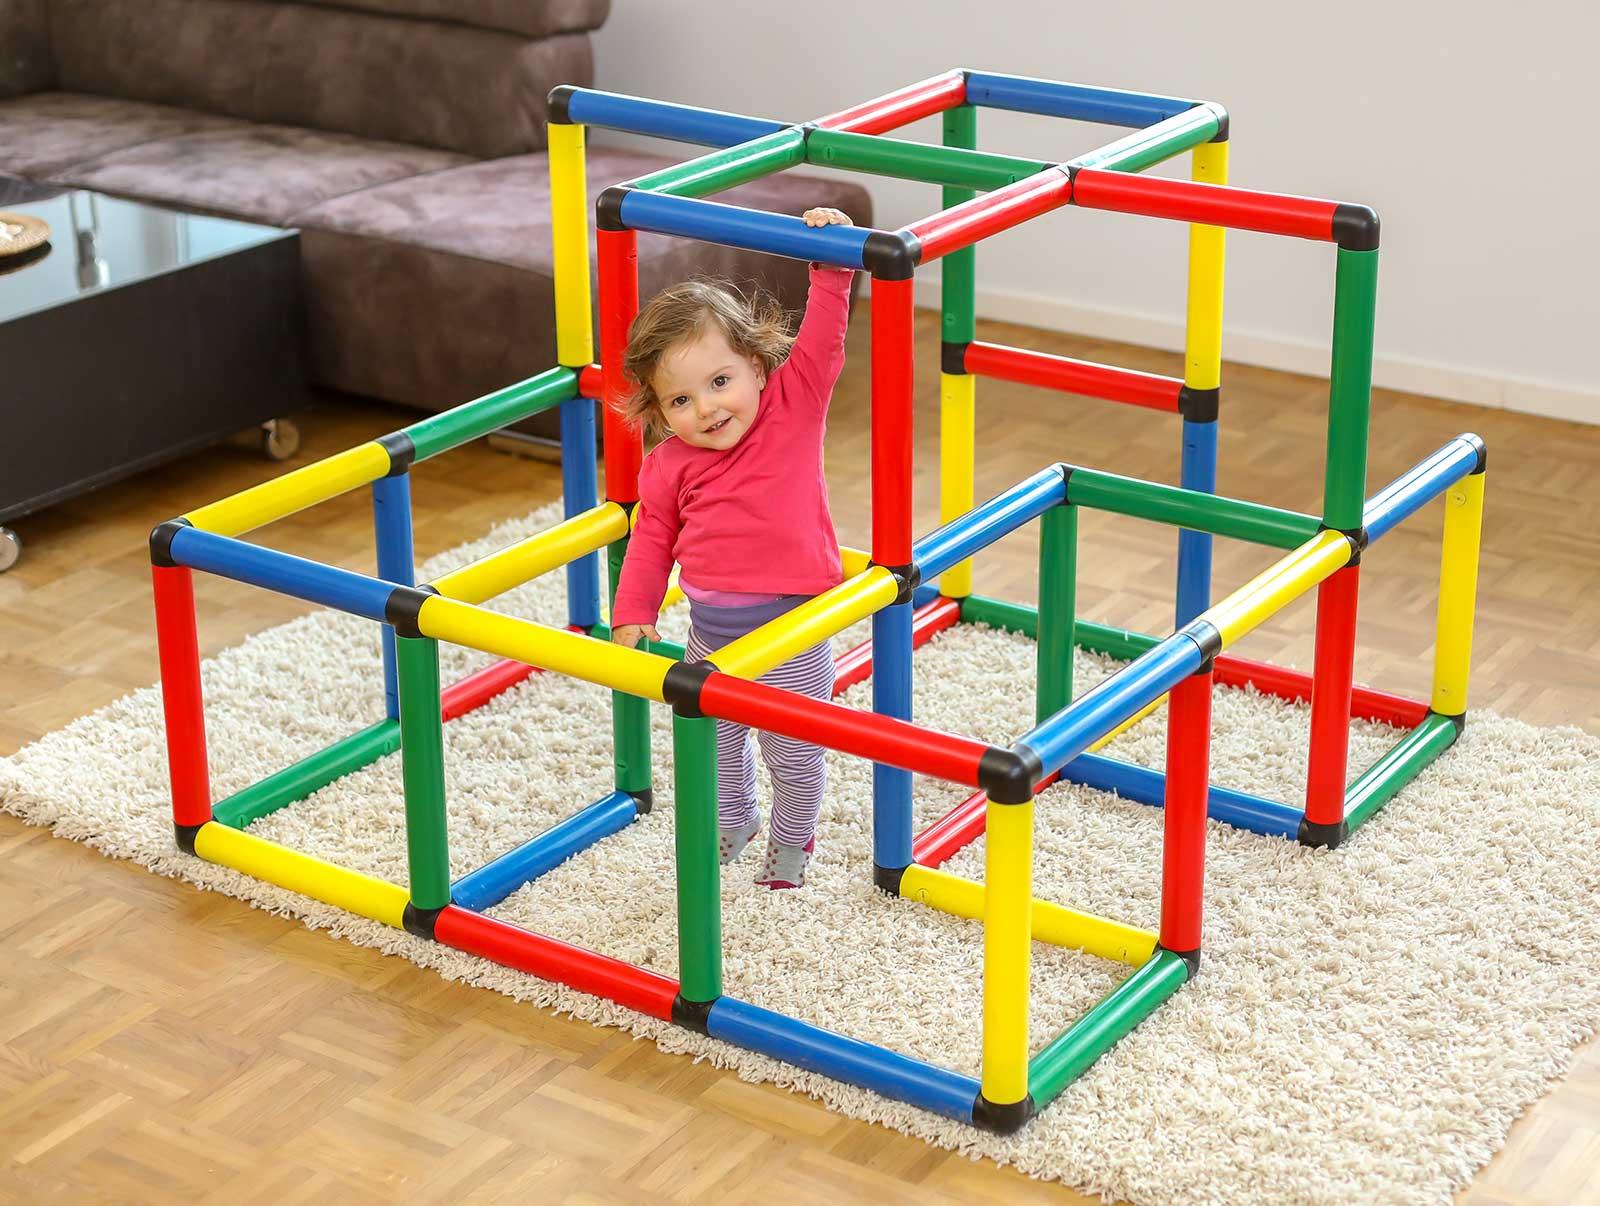 Klettergerüst Plastik Stecksystem : Kletterpyramide quadro der grossbaukasten